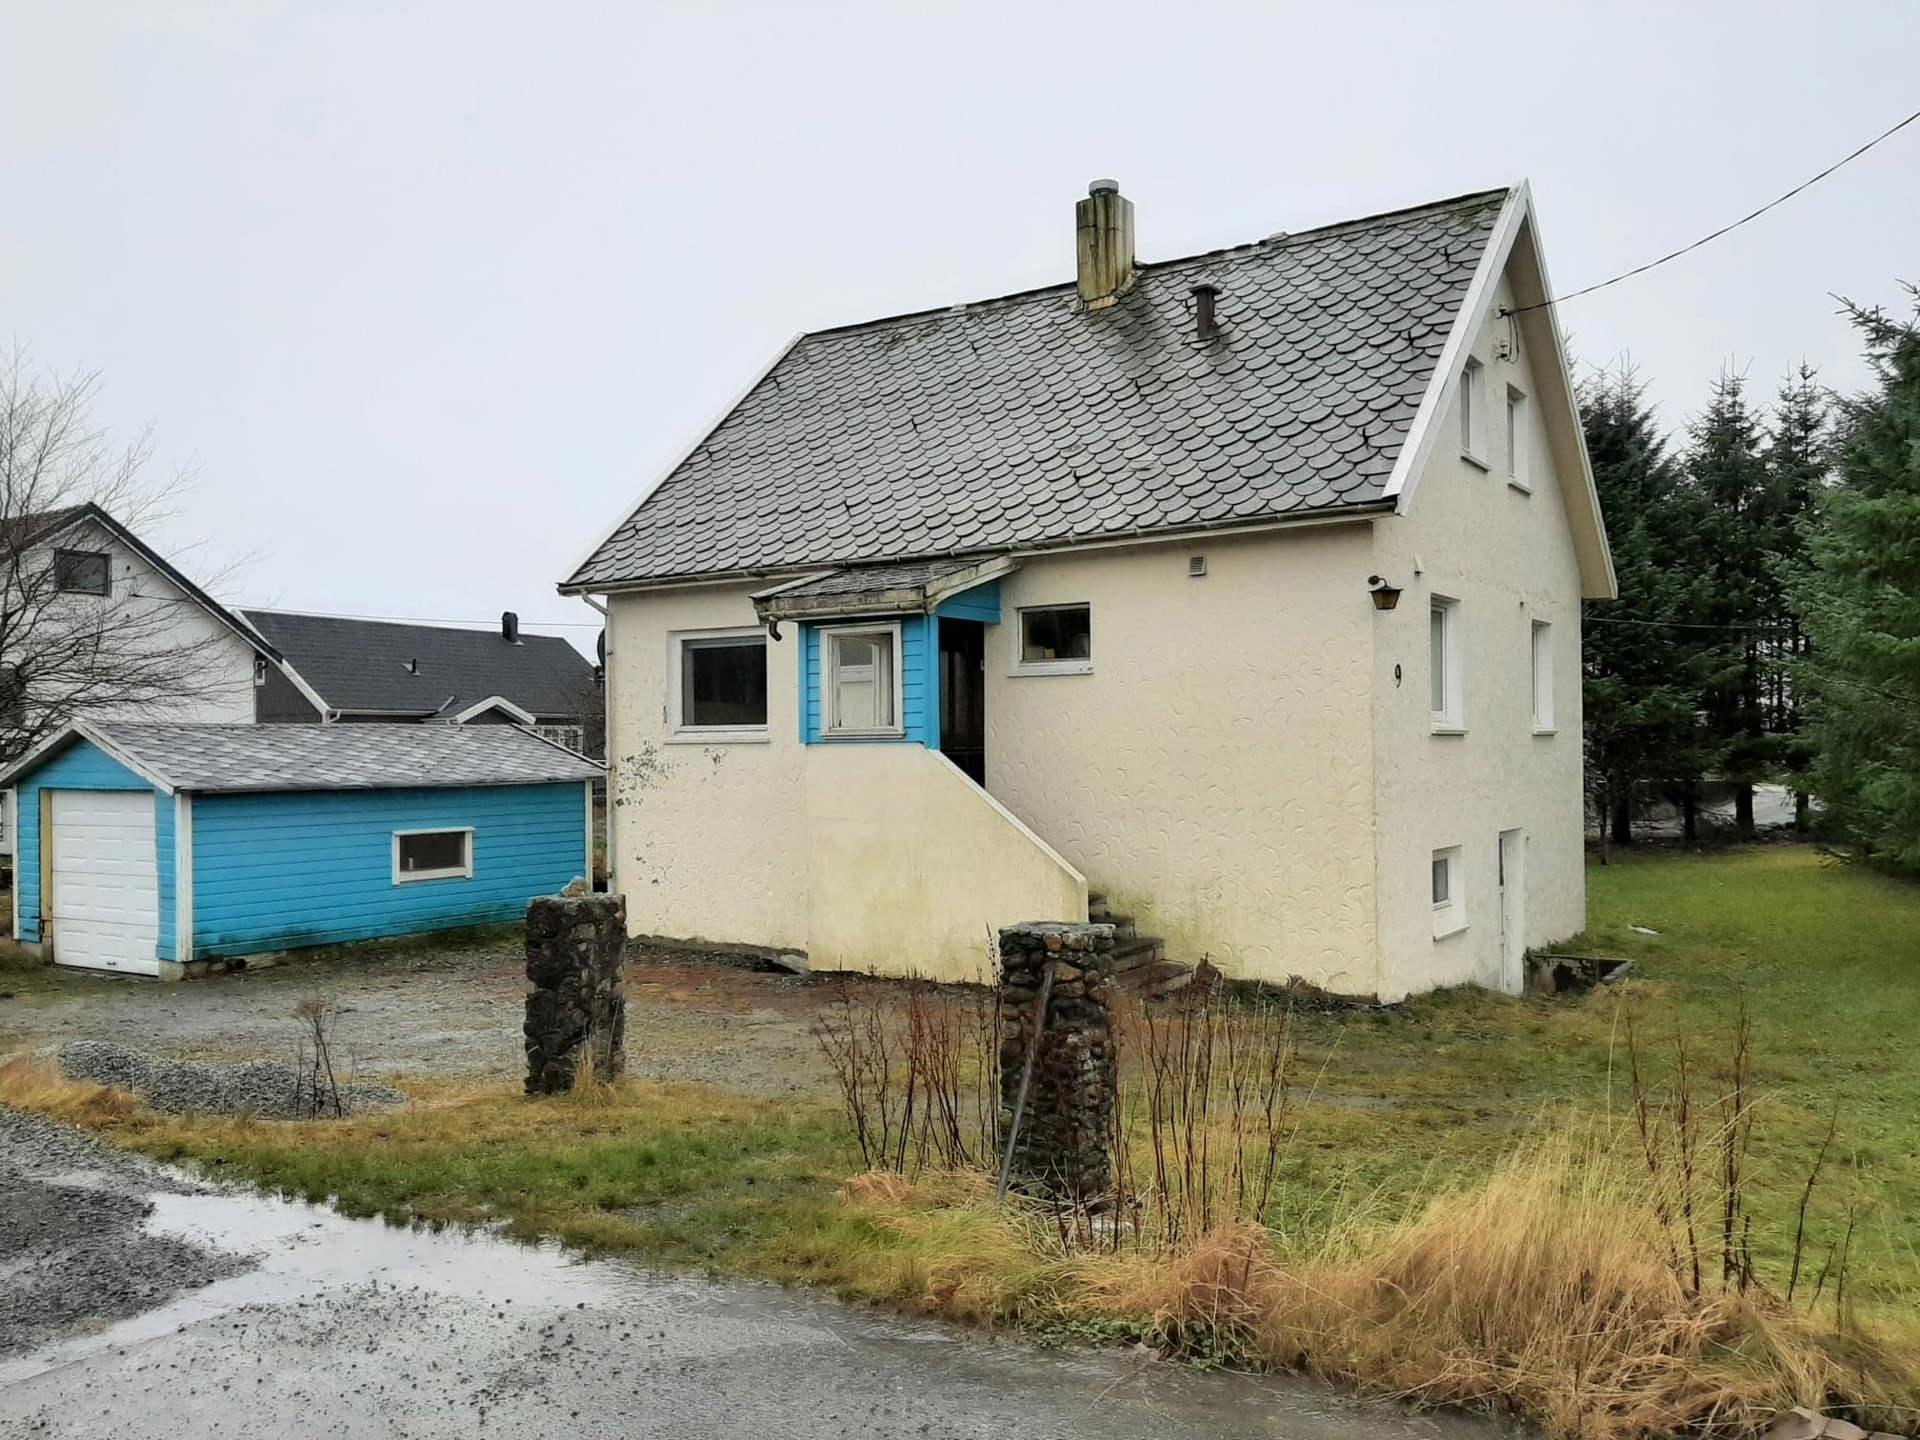 Veteranhuset Hårfagre fasade 1.jpg